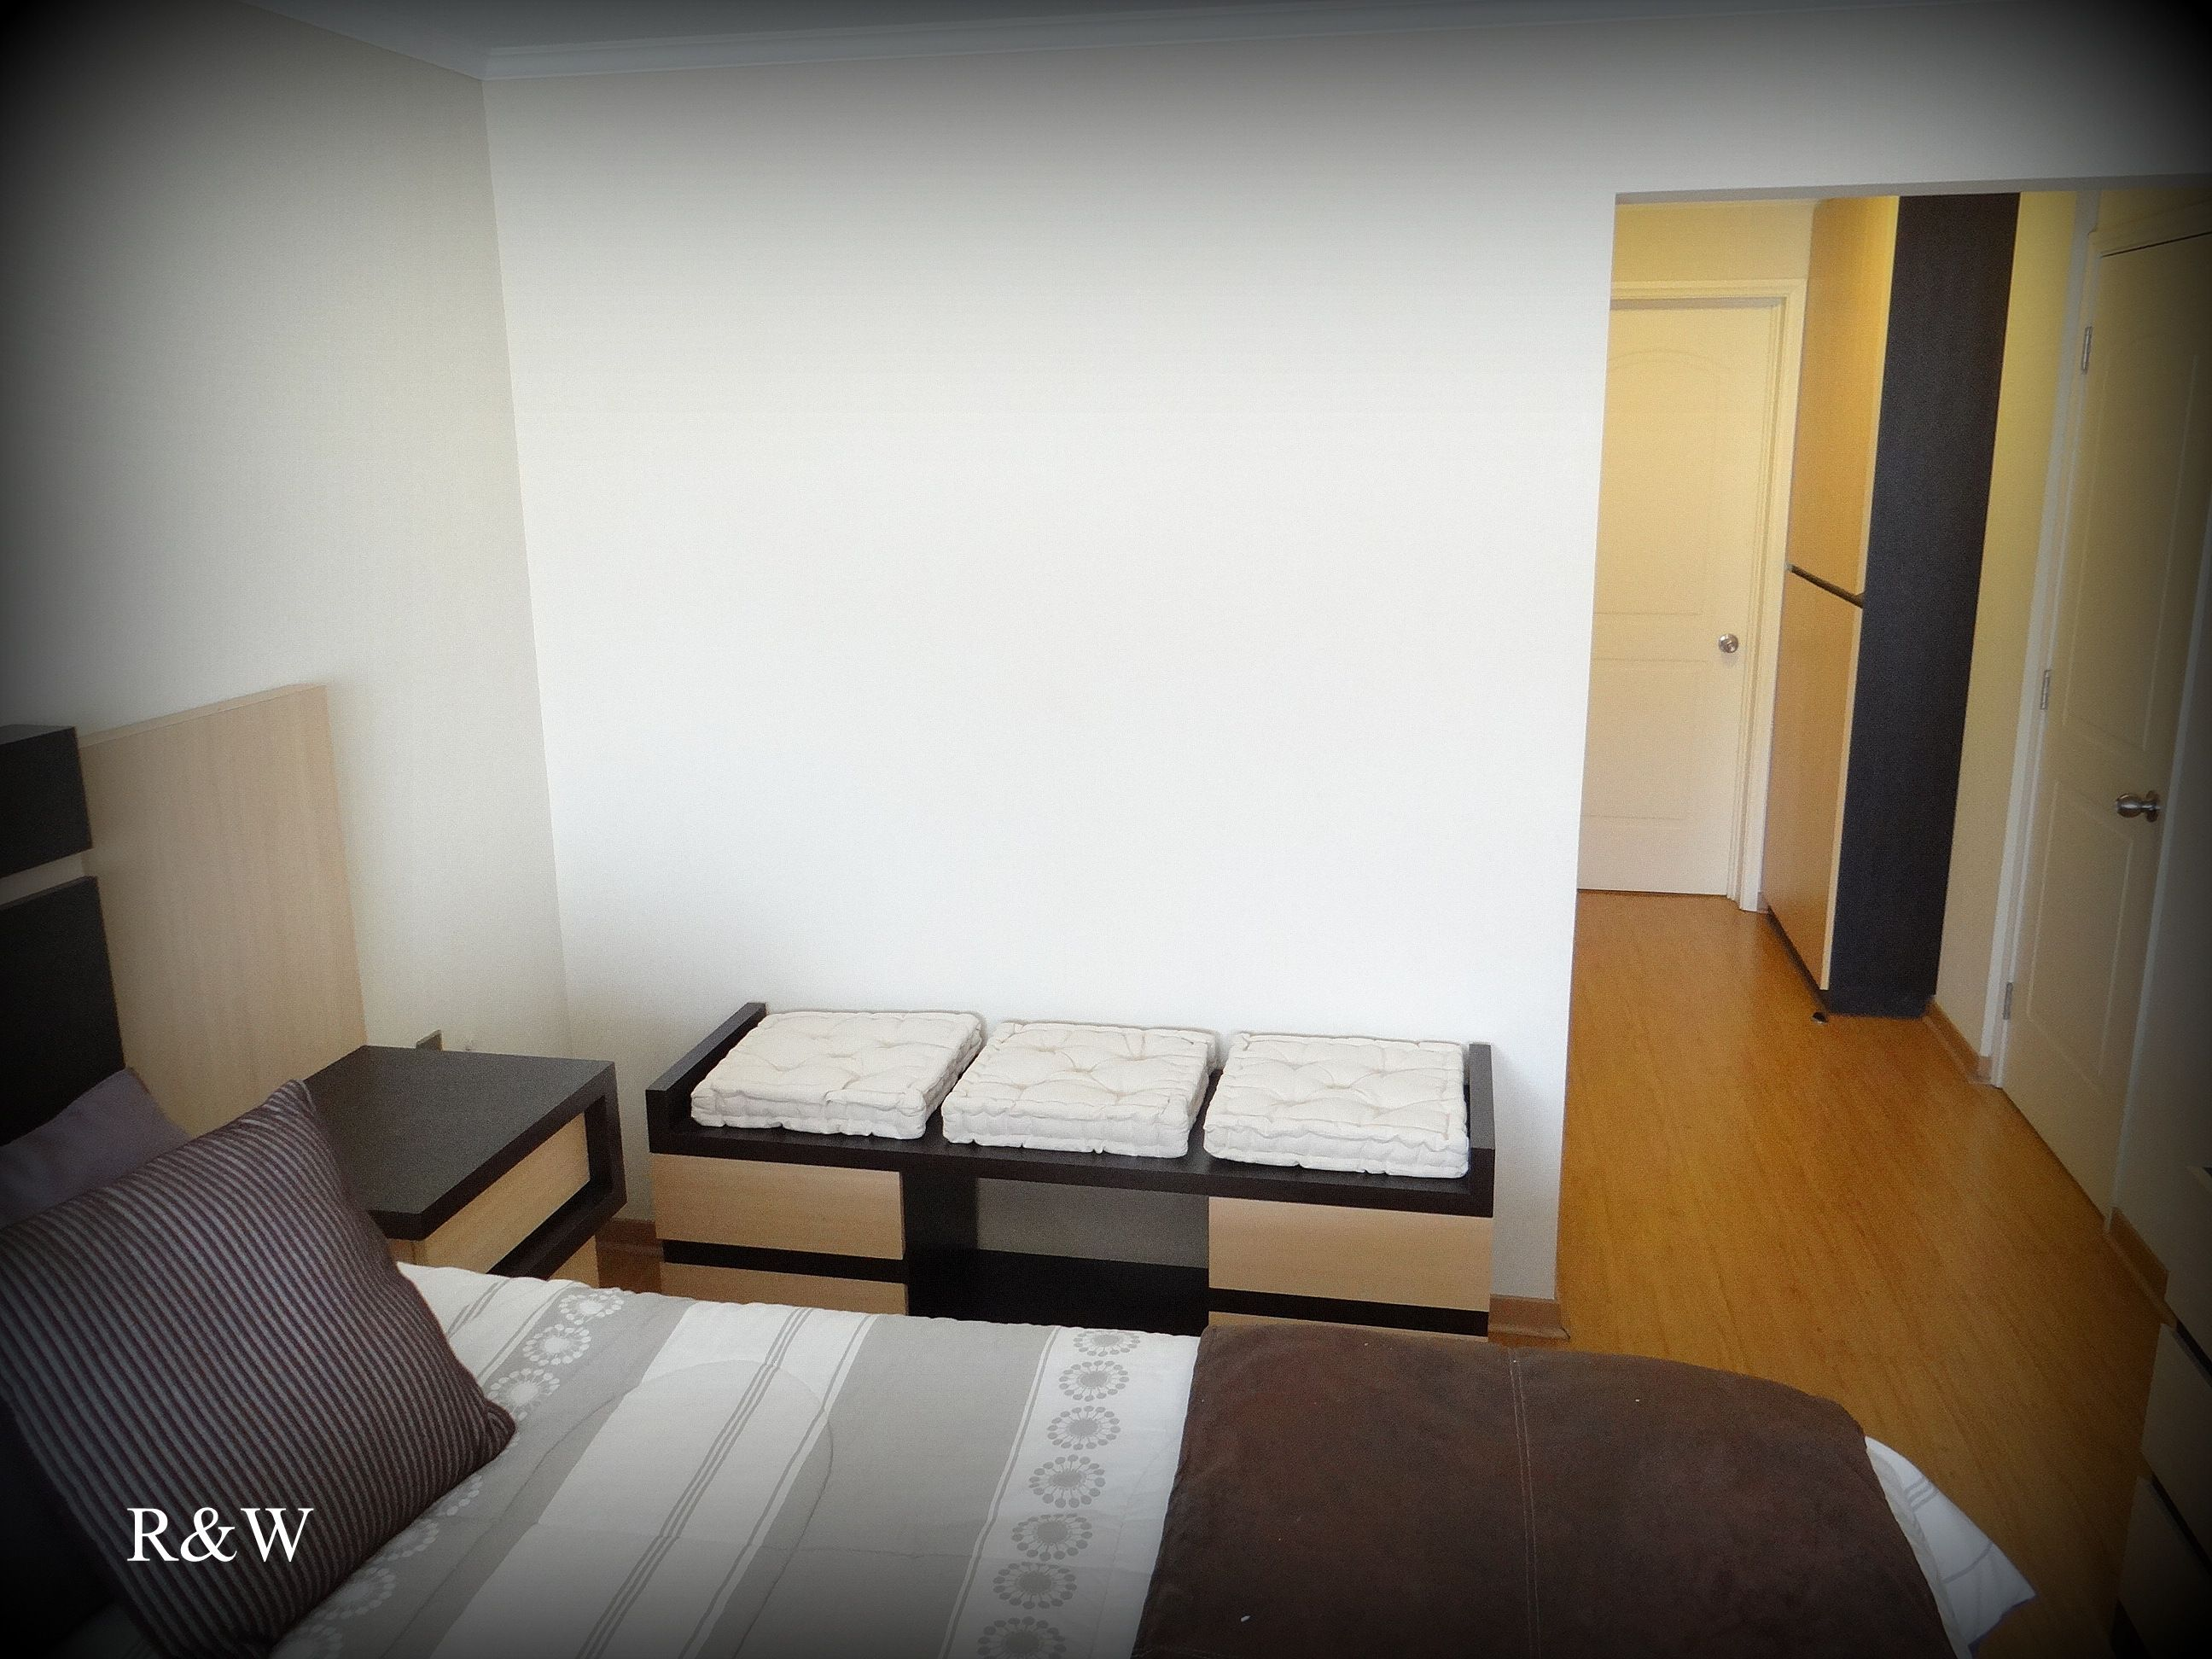 Imagen panor mica de los muebles para dormitorio 1 respaldo cama 2 velador con panel 3 - Cajonera para dormitorio ...